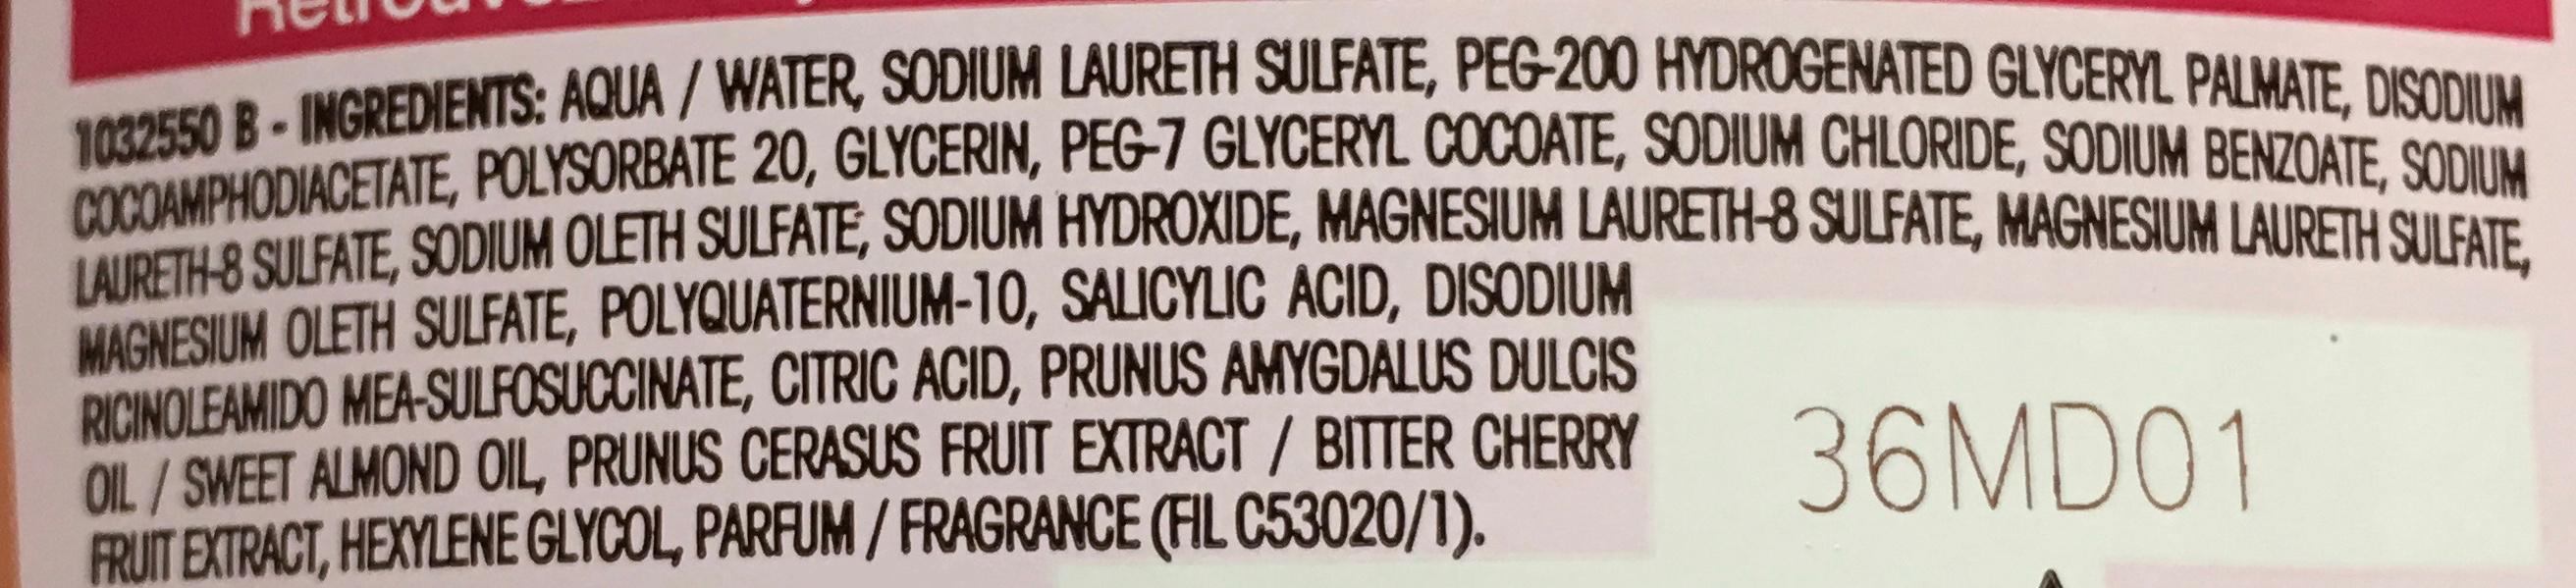 Ultra Doux Enfants Shampooing 2 en 1 à la cerise et amande douce - Ingredients - fr